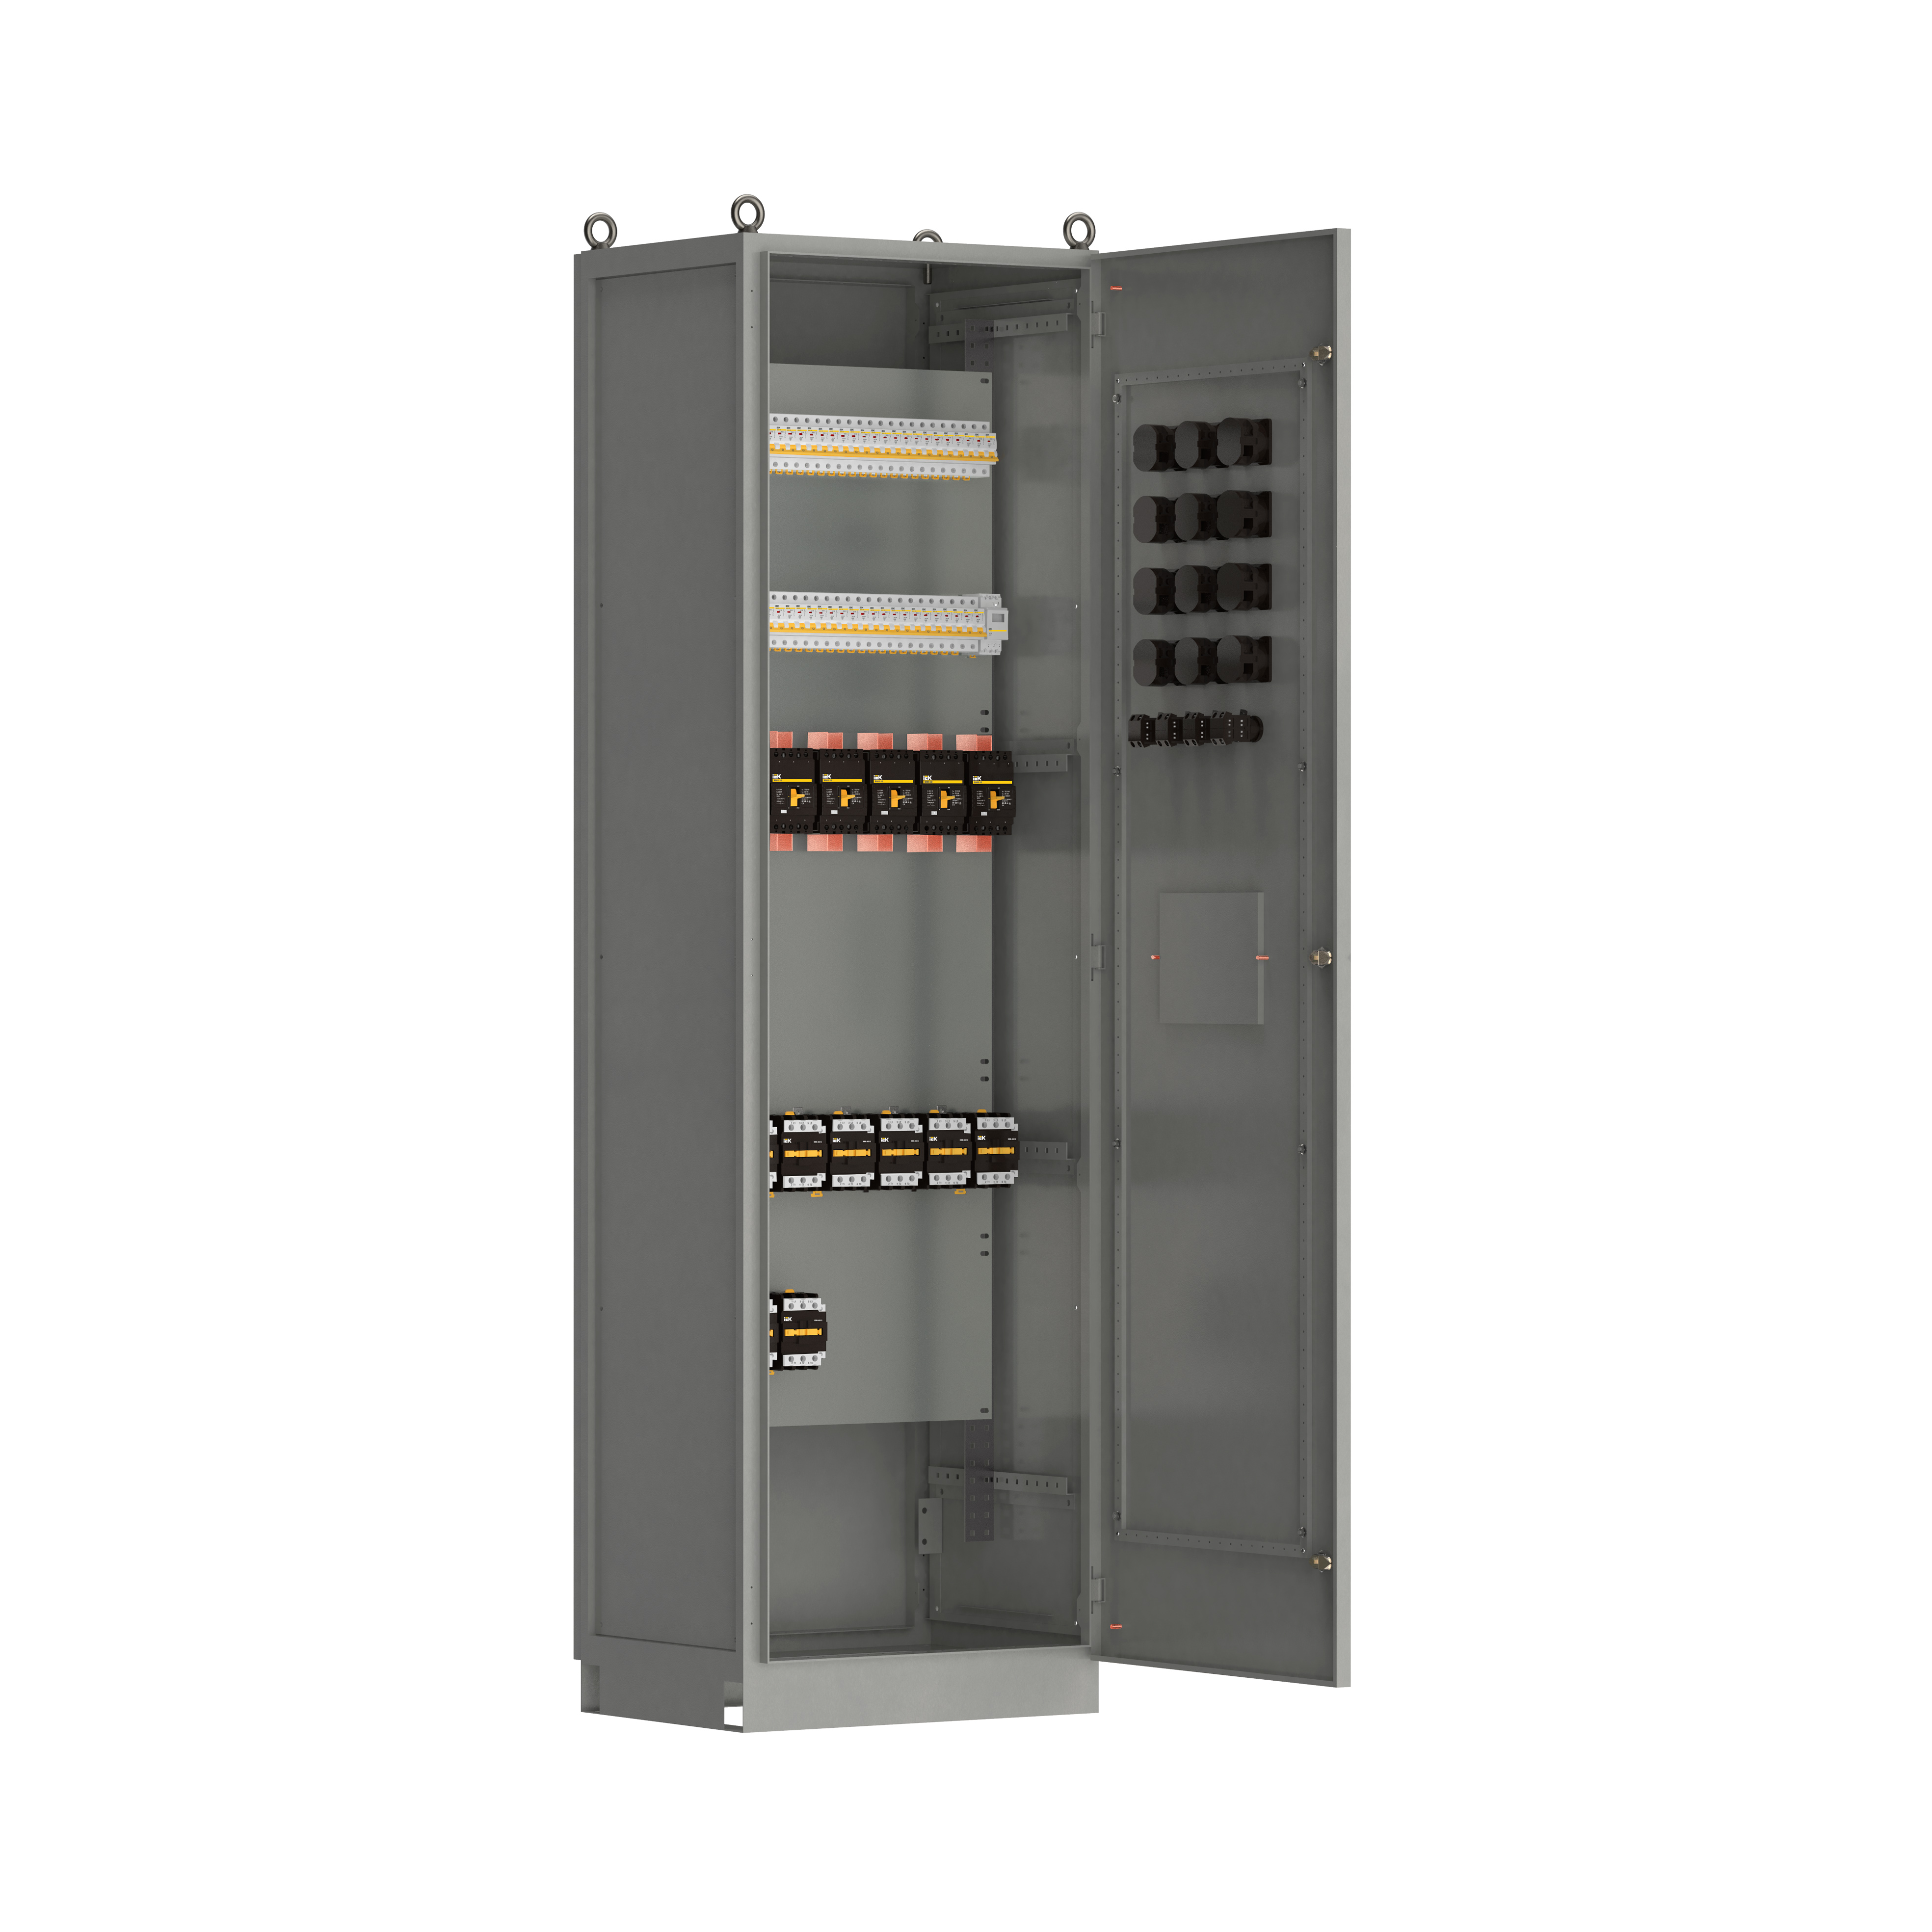 Панель распределительная ВРУ-8505 4Р-104-30 выключатели автоматические 3Р 4х125А 1Р 38х63А контакторы 5х65А IEK